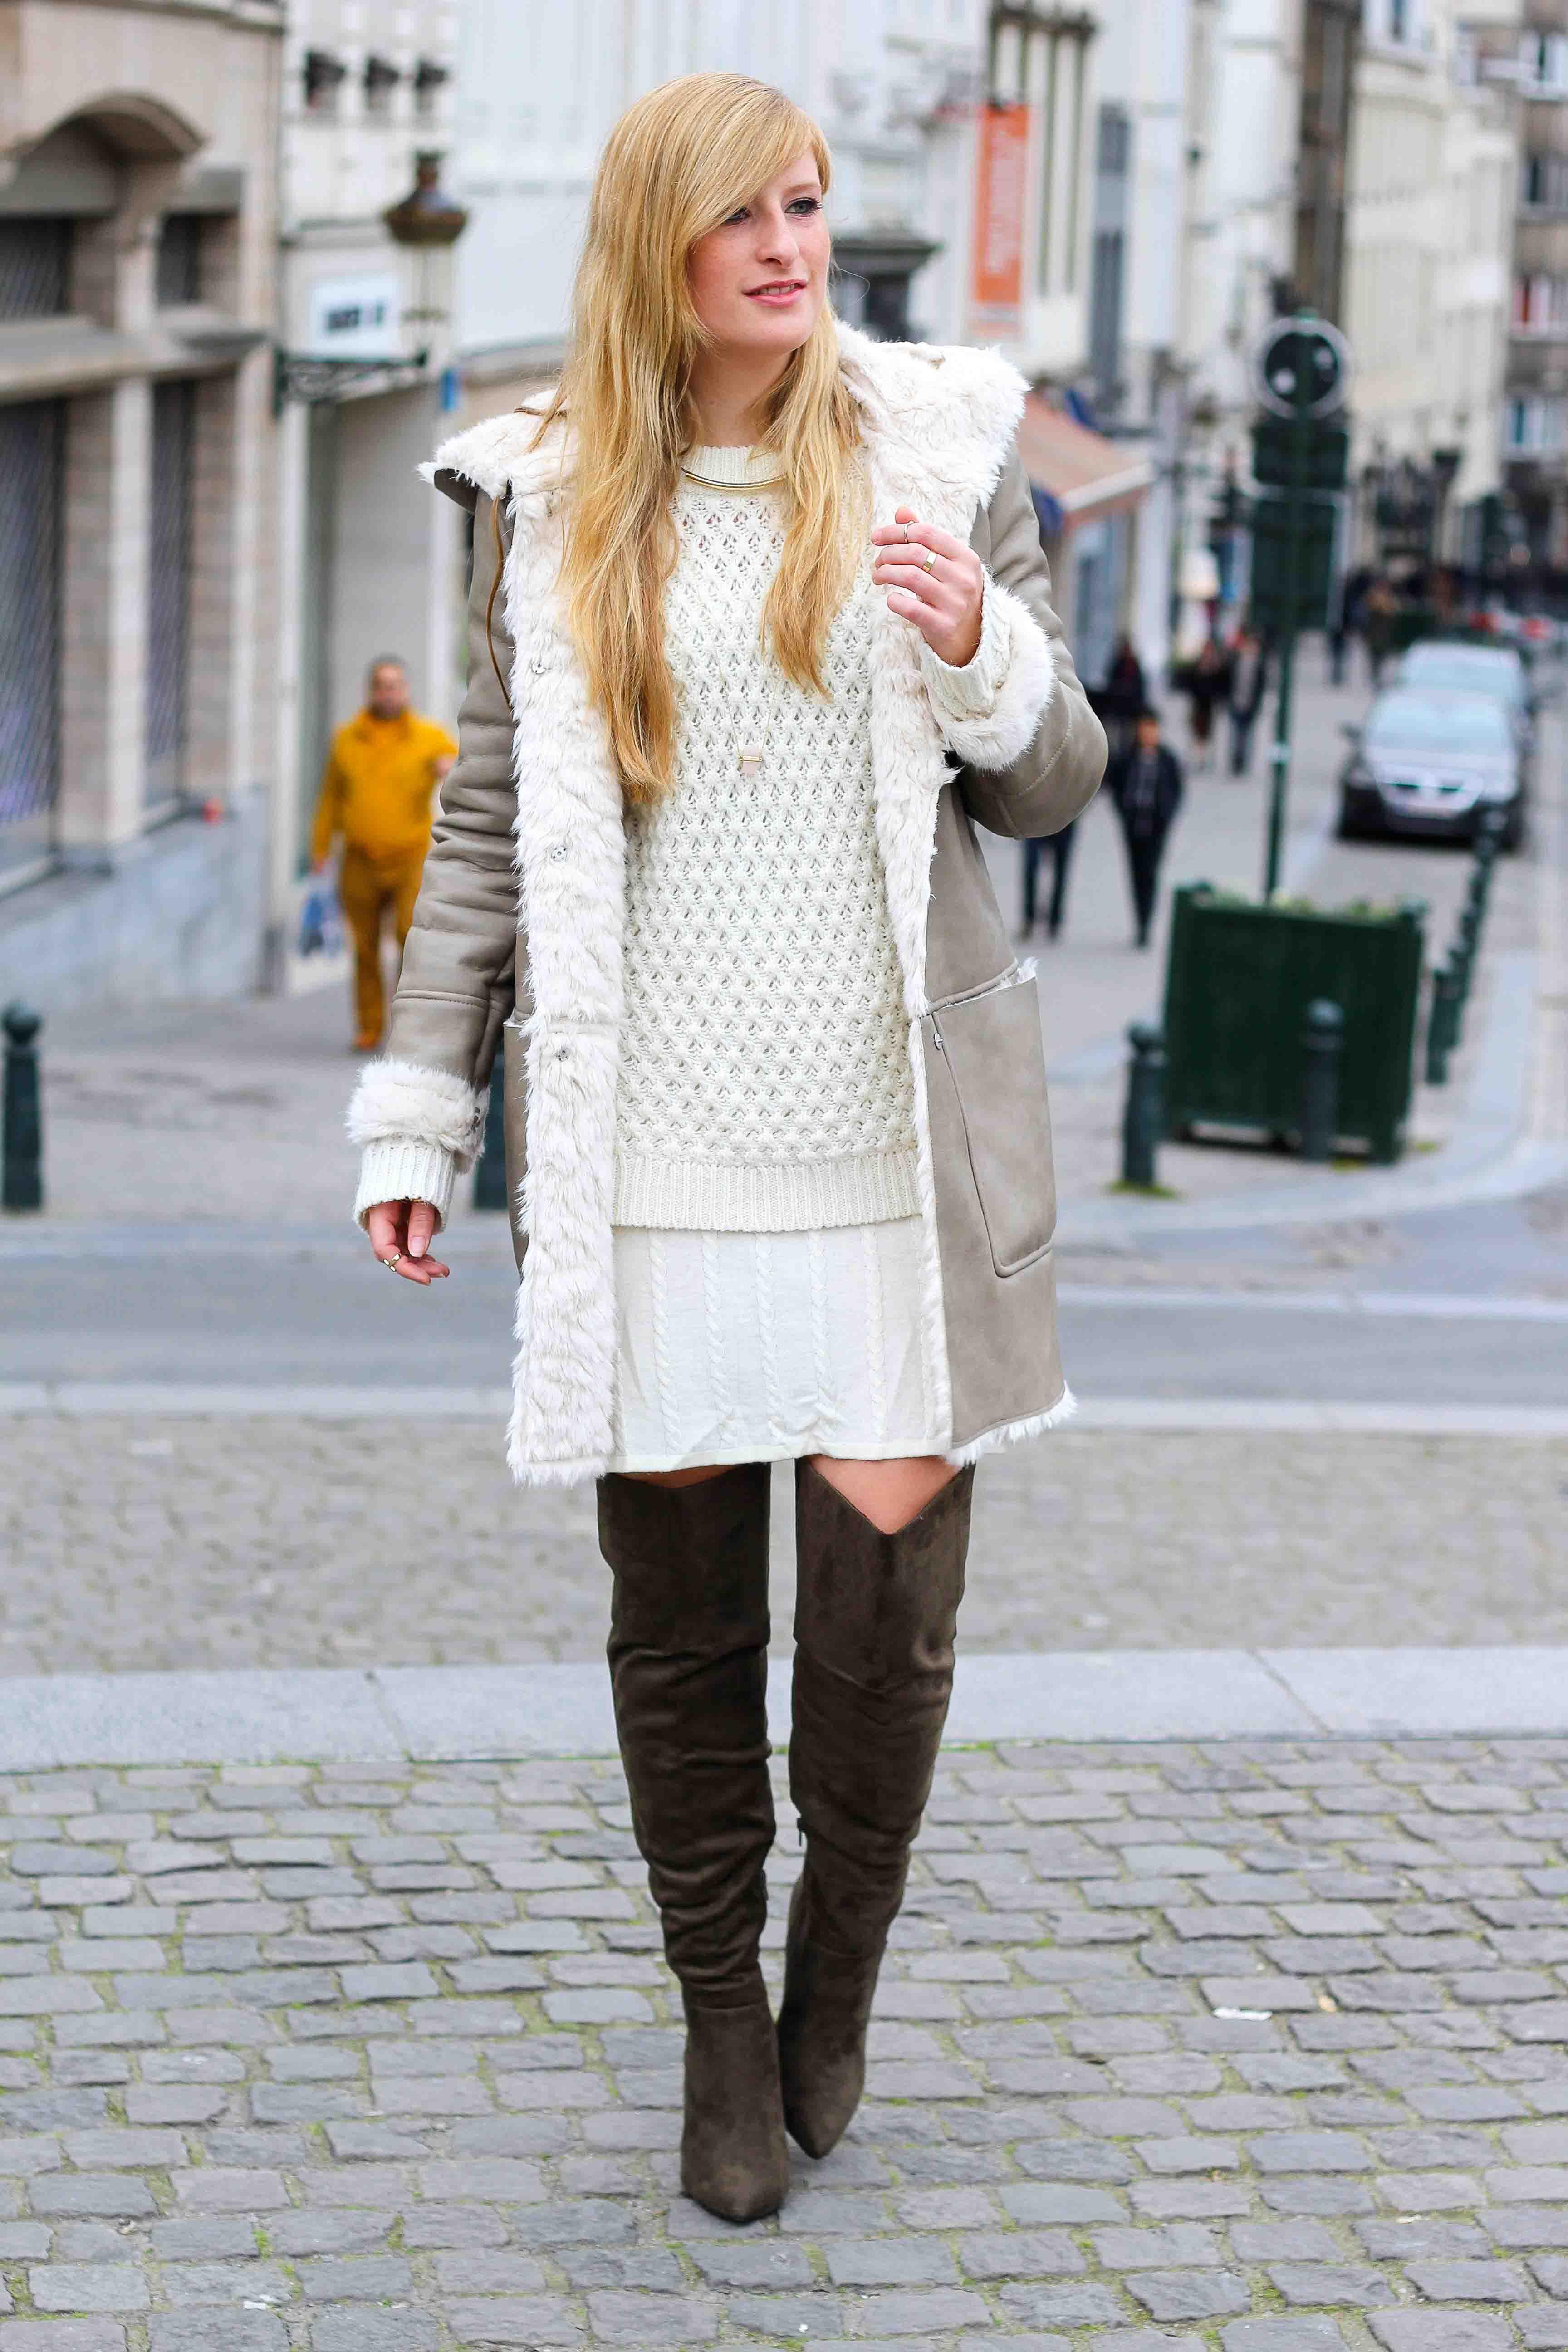 Grüne Overknees Zara Ledermantel Overknee Stiefel Nude Wollkleid Fashion Look Modeblog 1